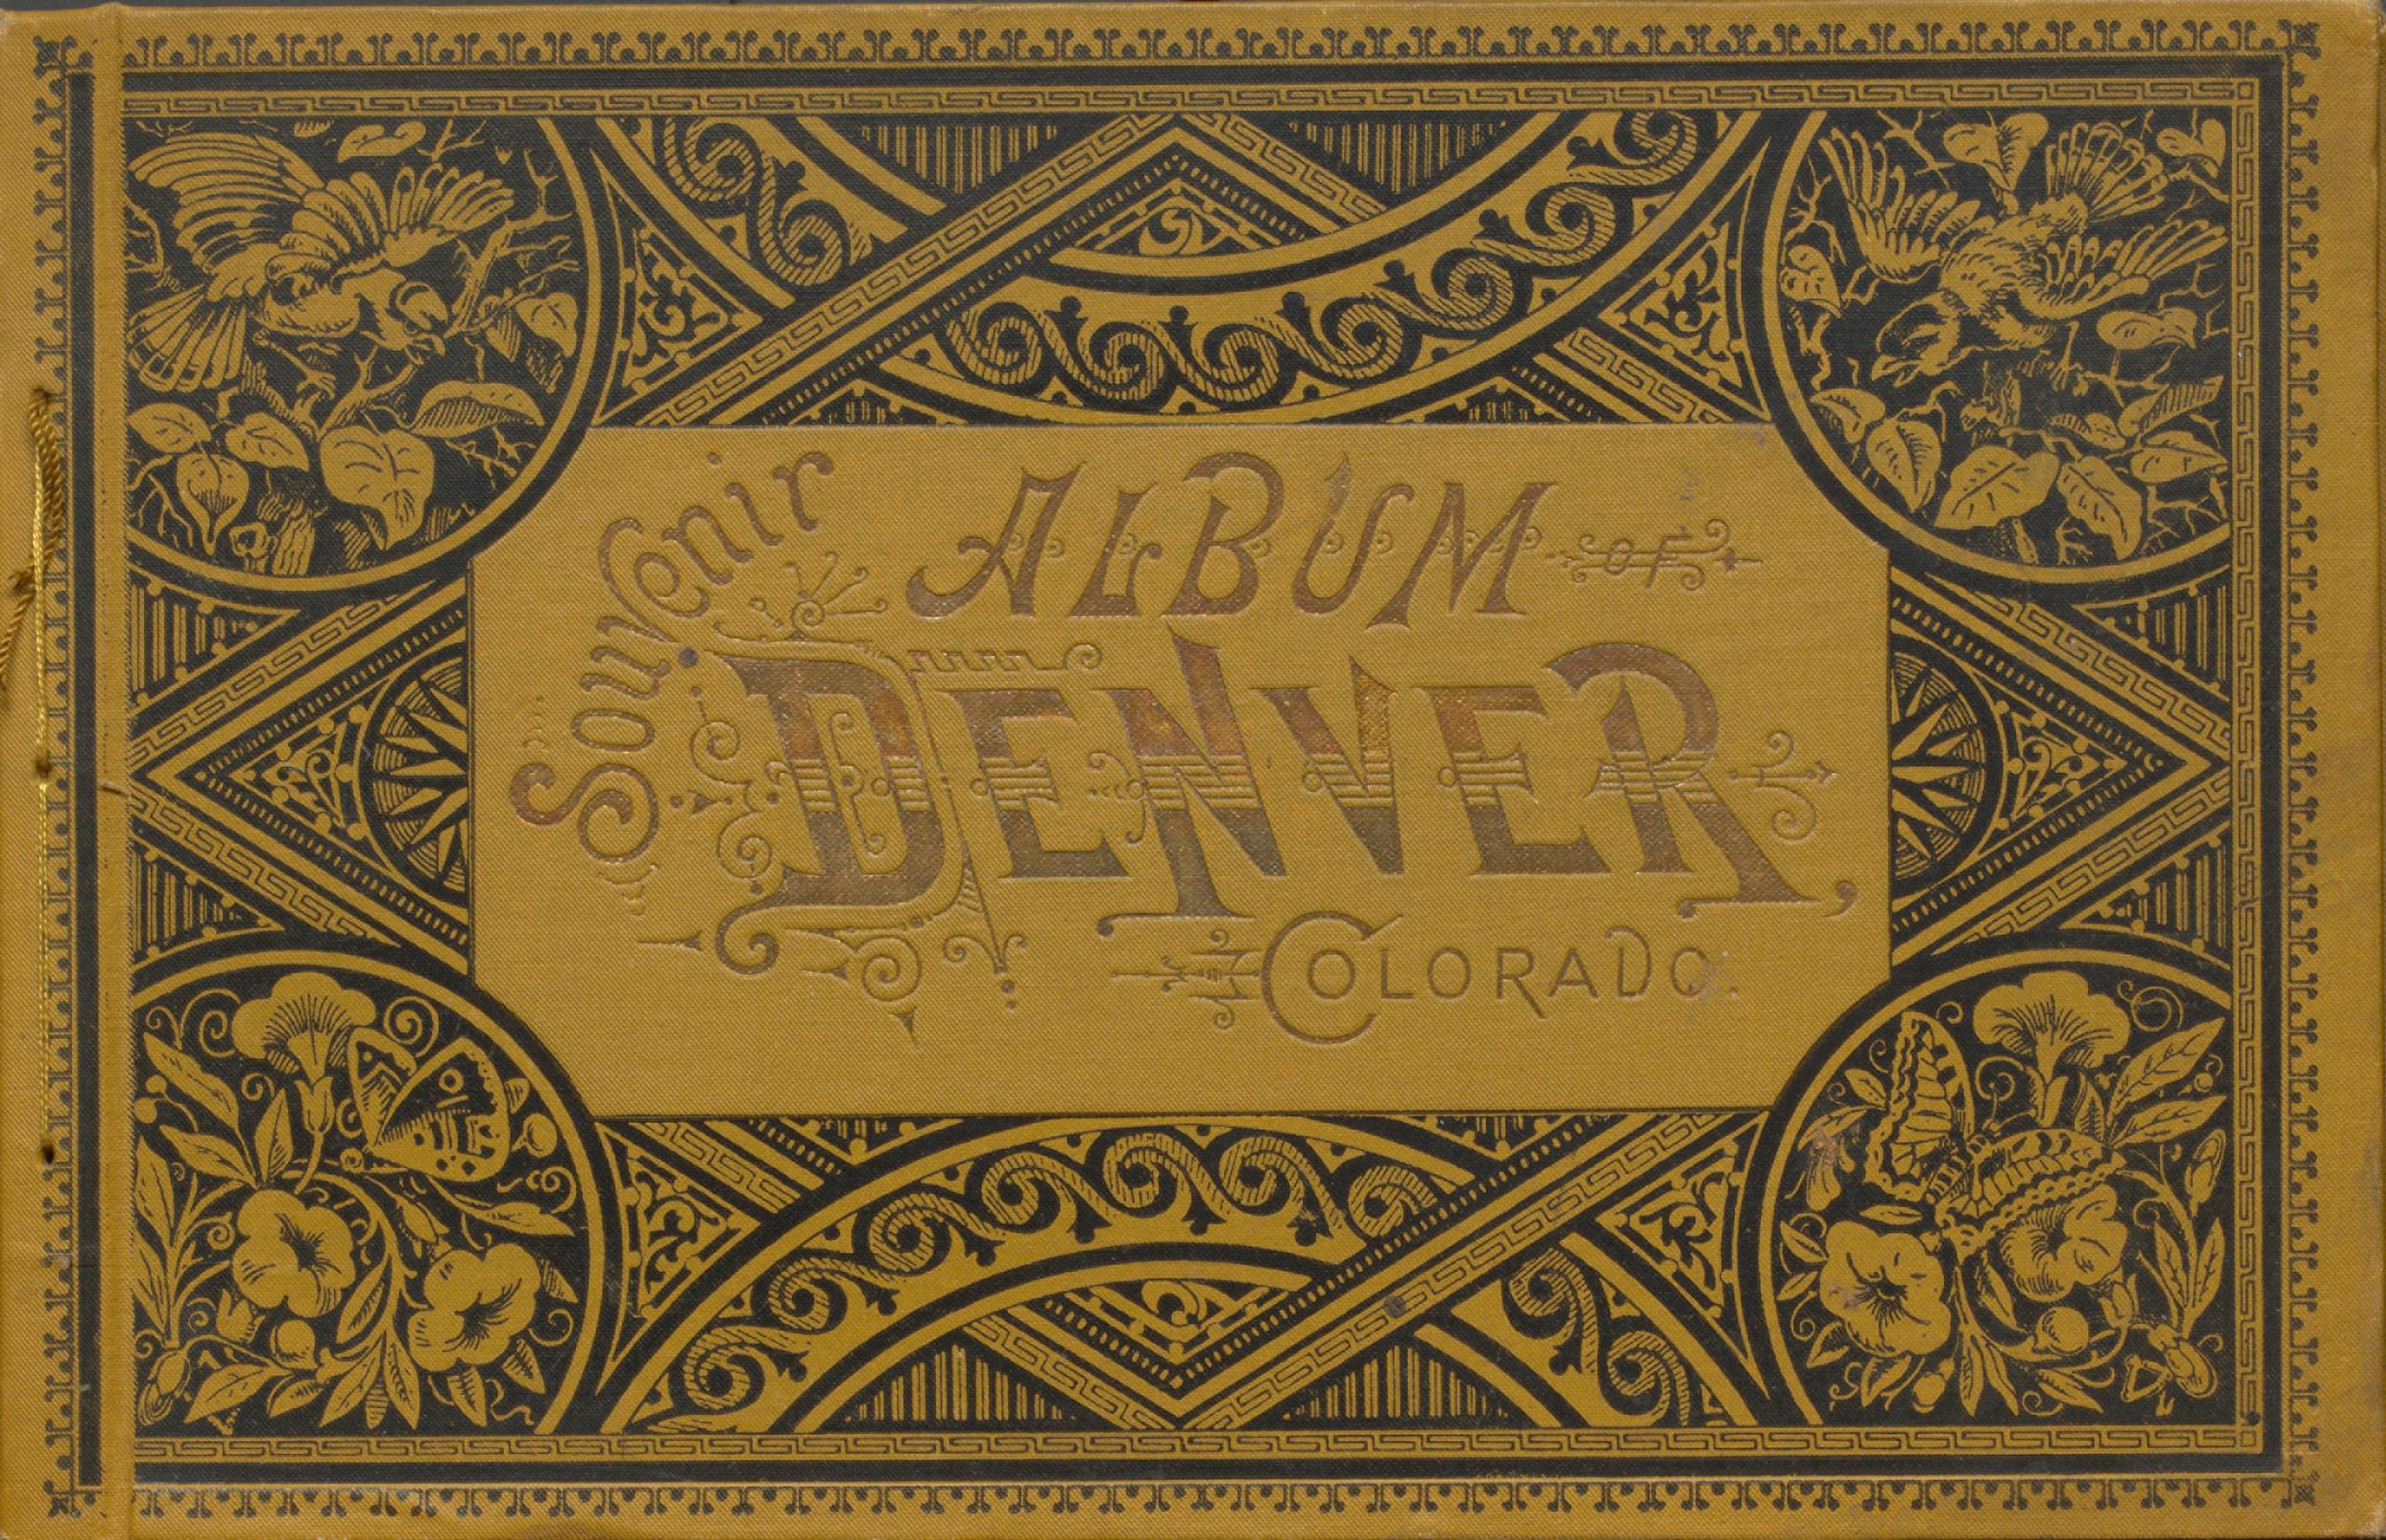 Souvenir Album of Denver Colorado. Cover.